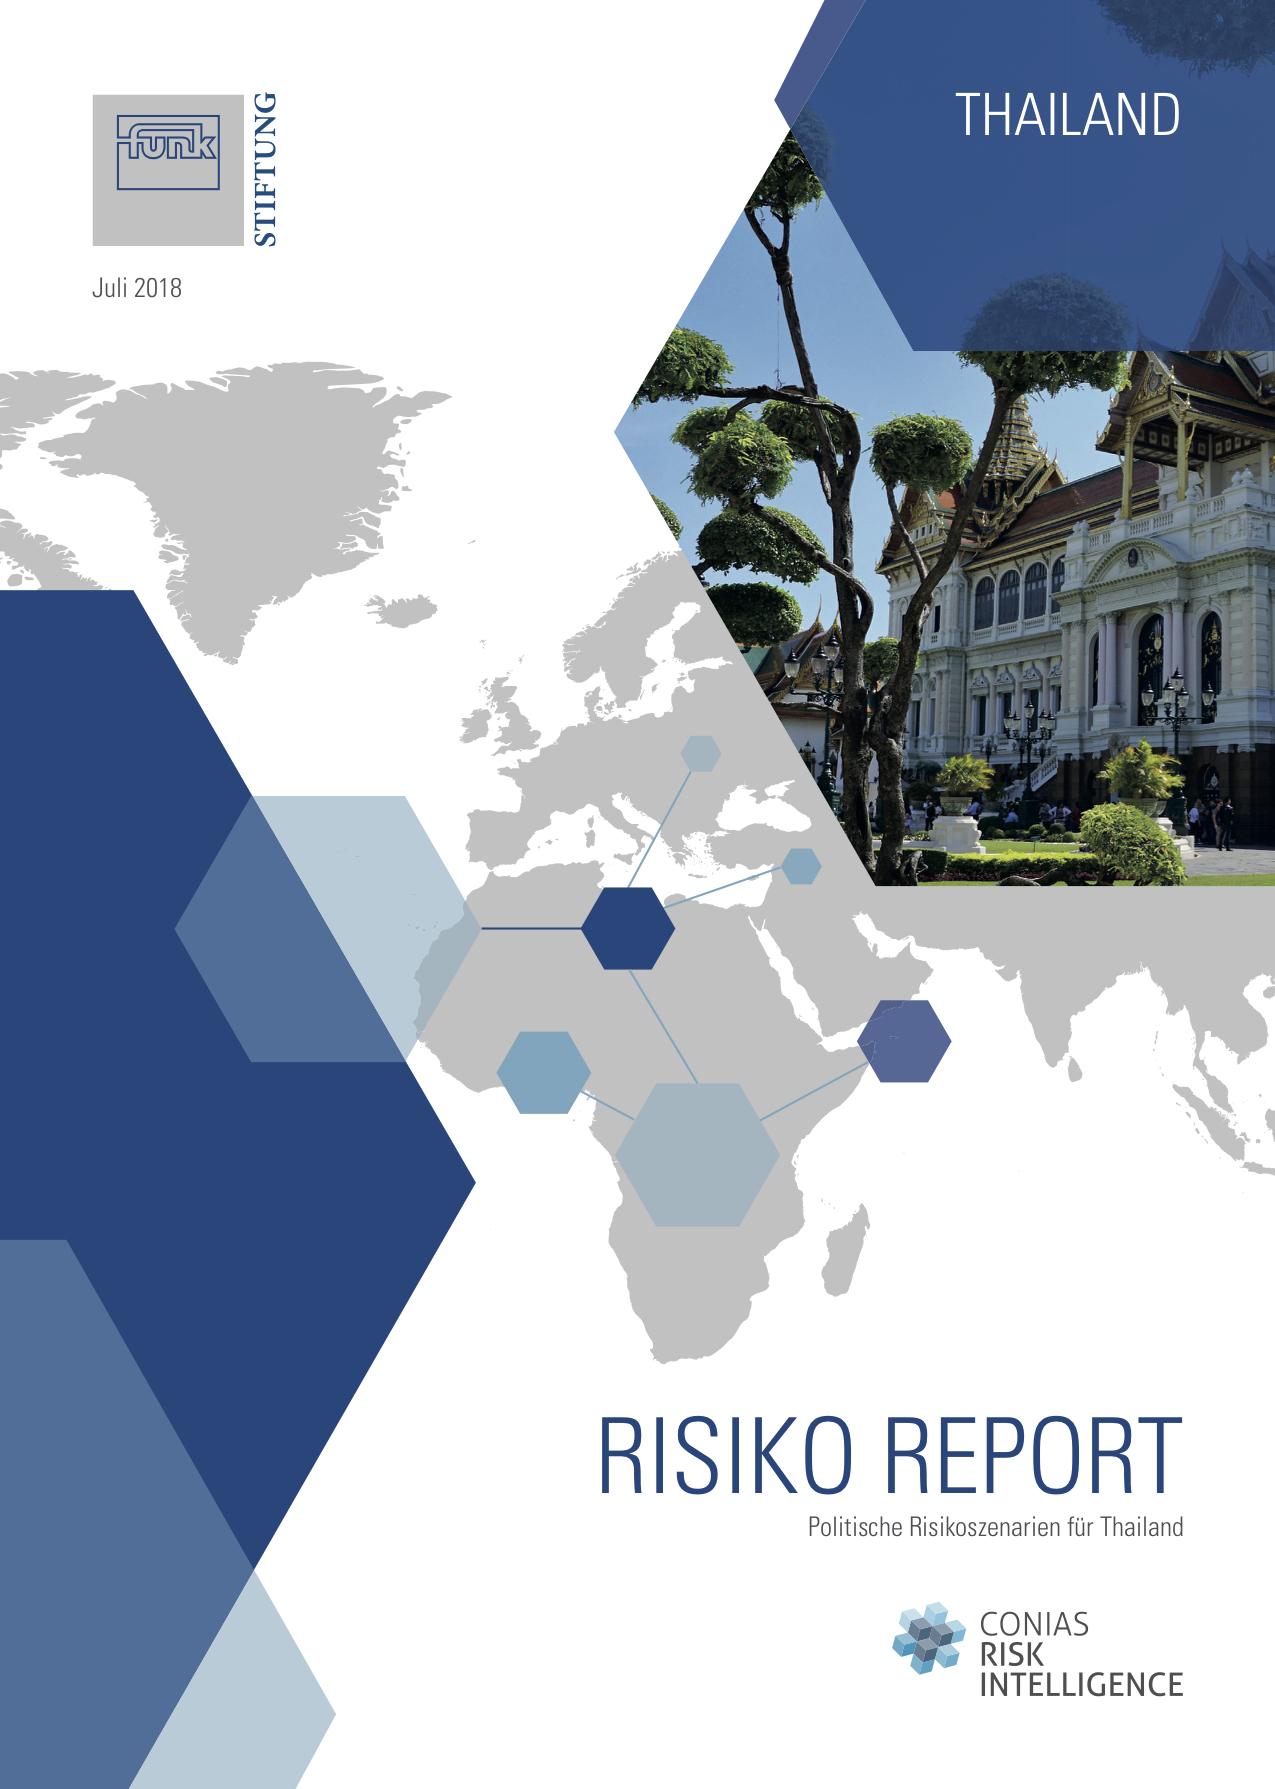 Risiko Report Thailand